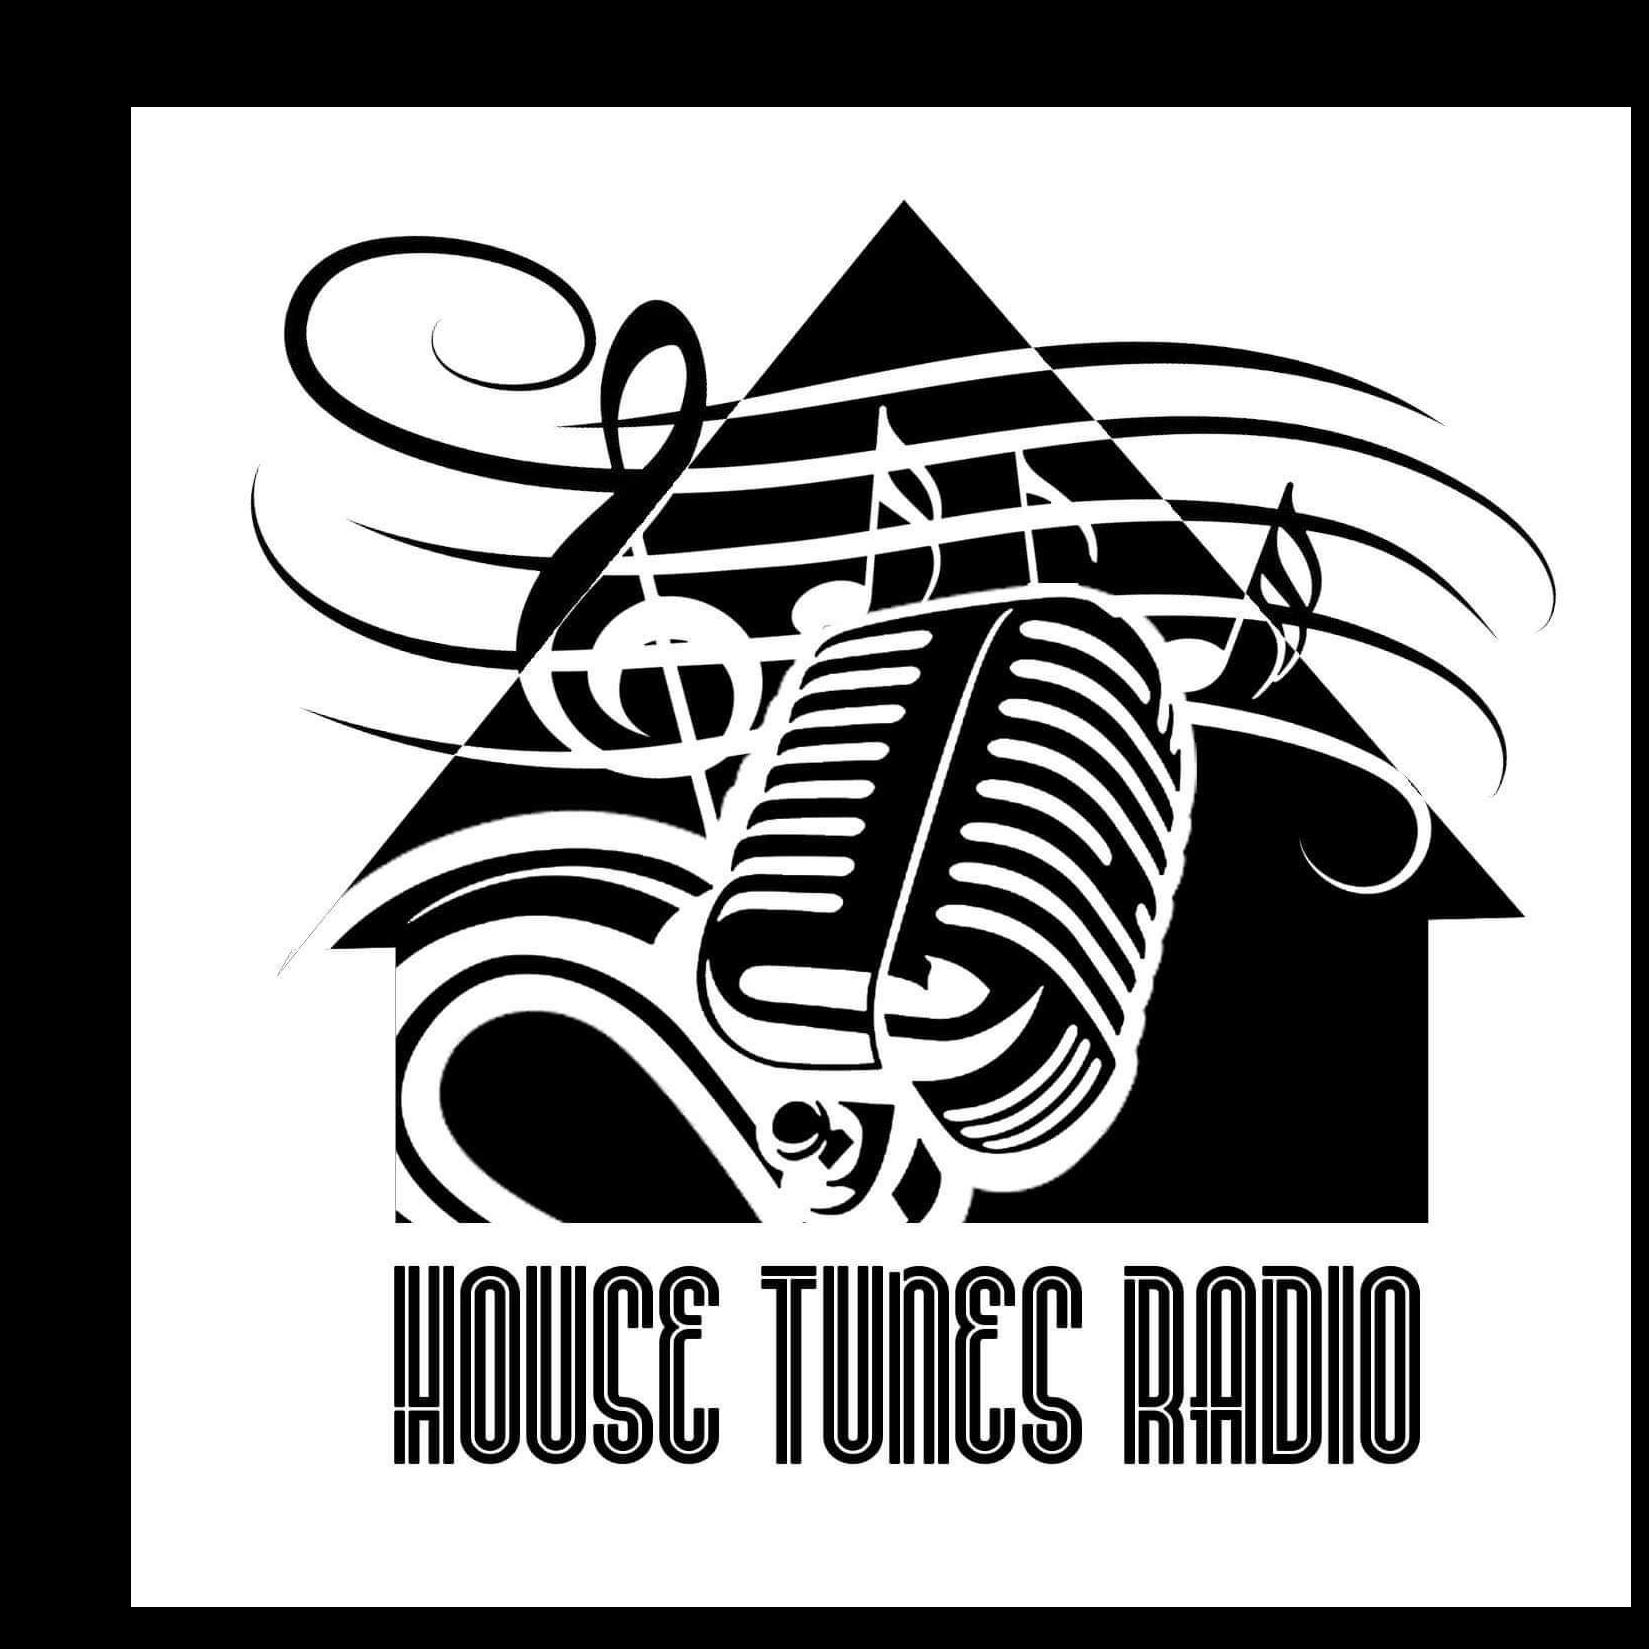 House Tunes Radio